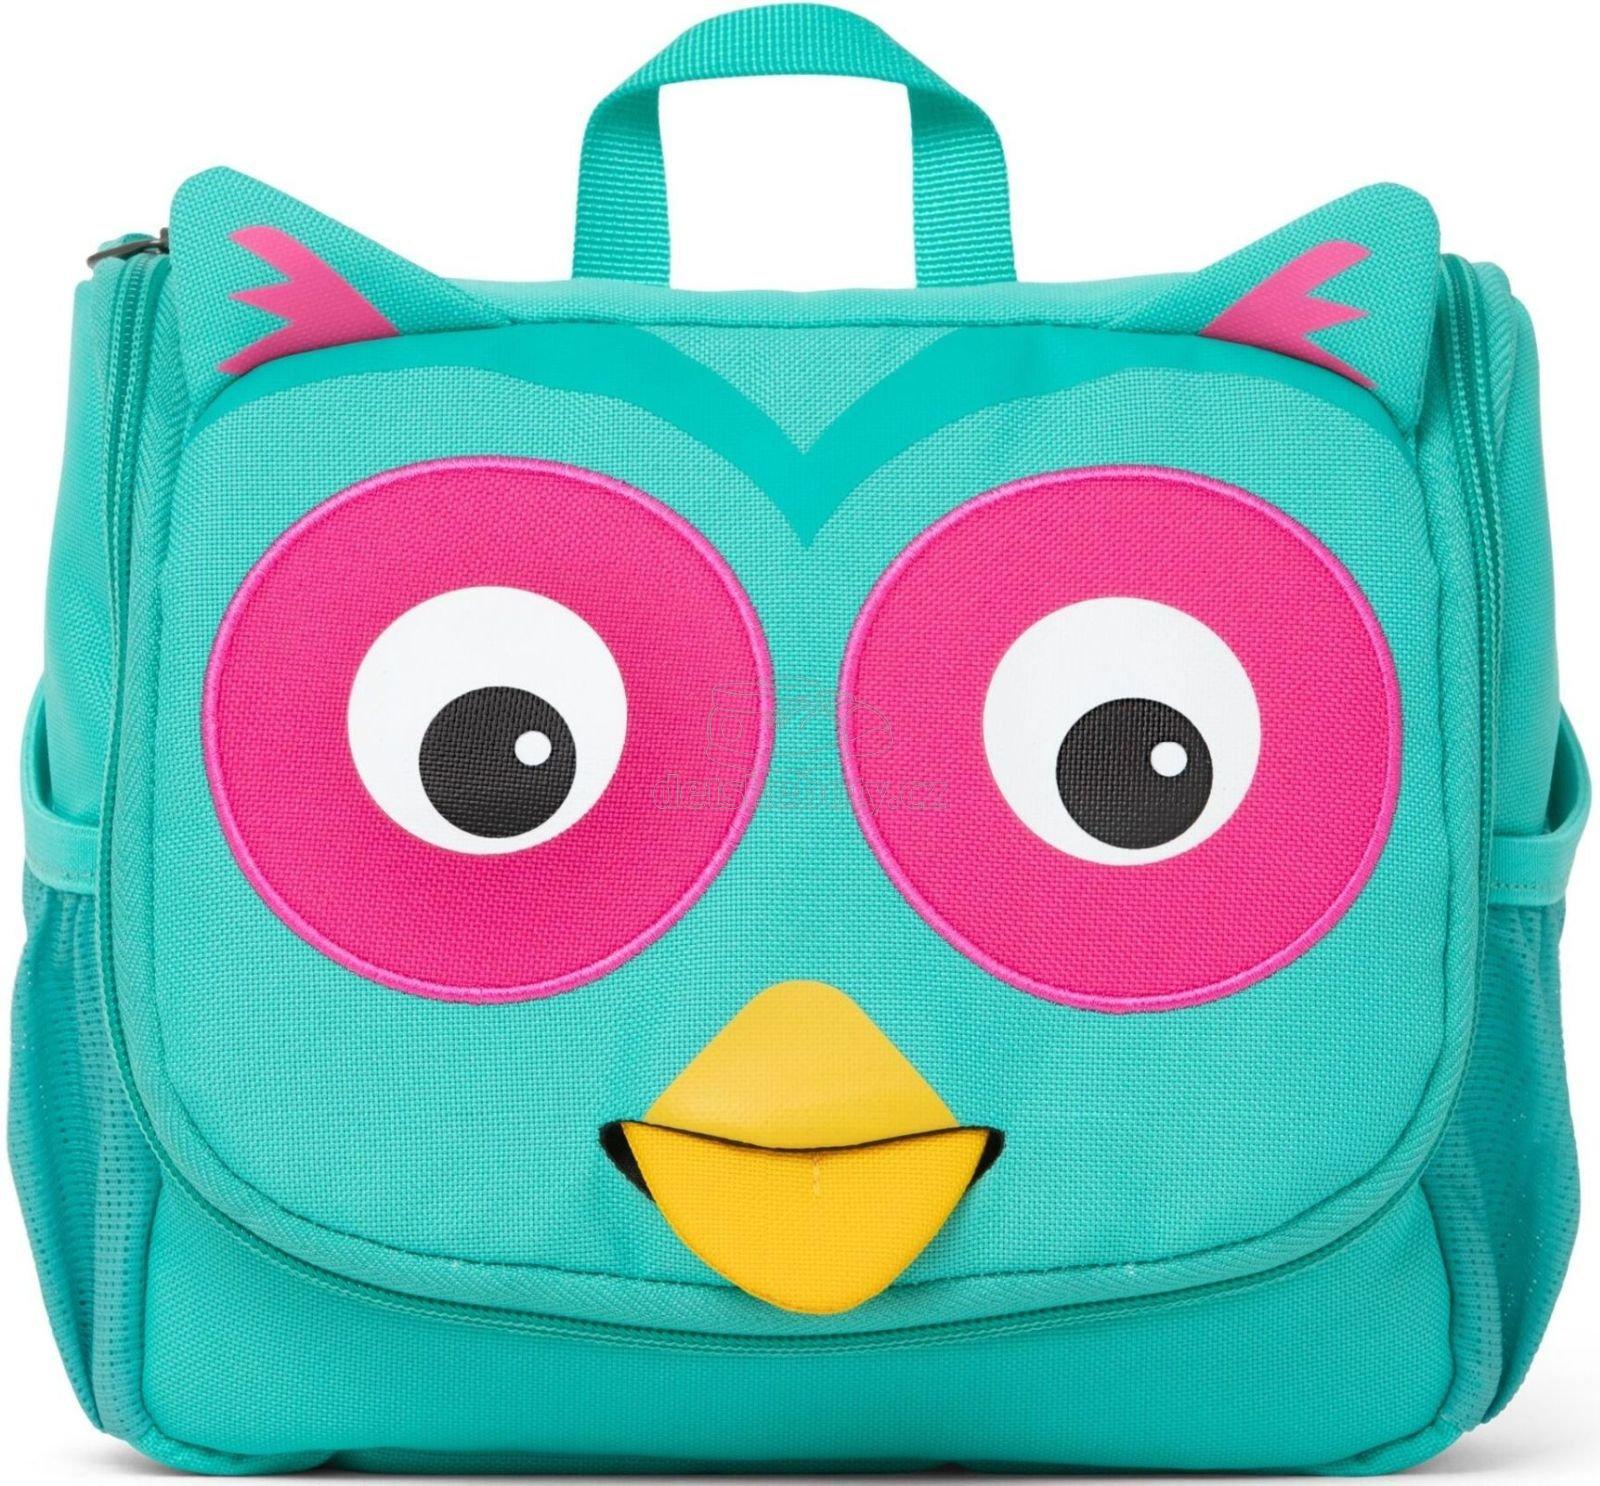 Gyerek kozmetikai táska Affenzahn Washbag - Olivia Owl - turquoise